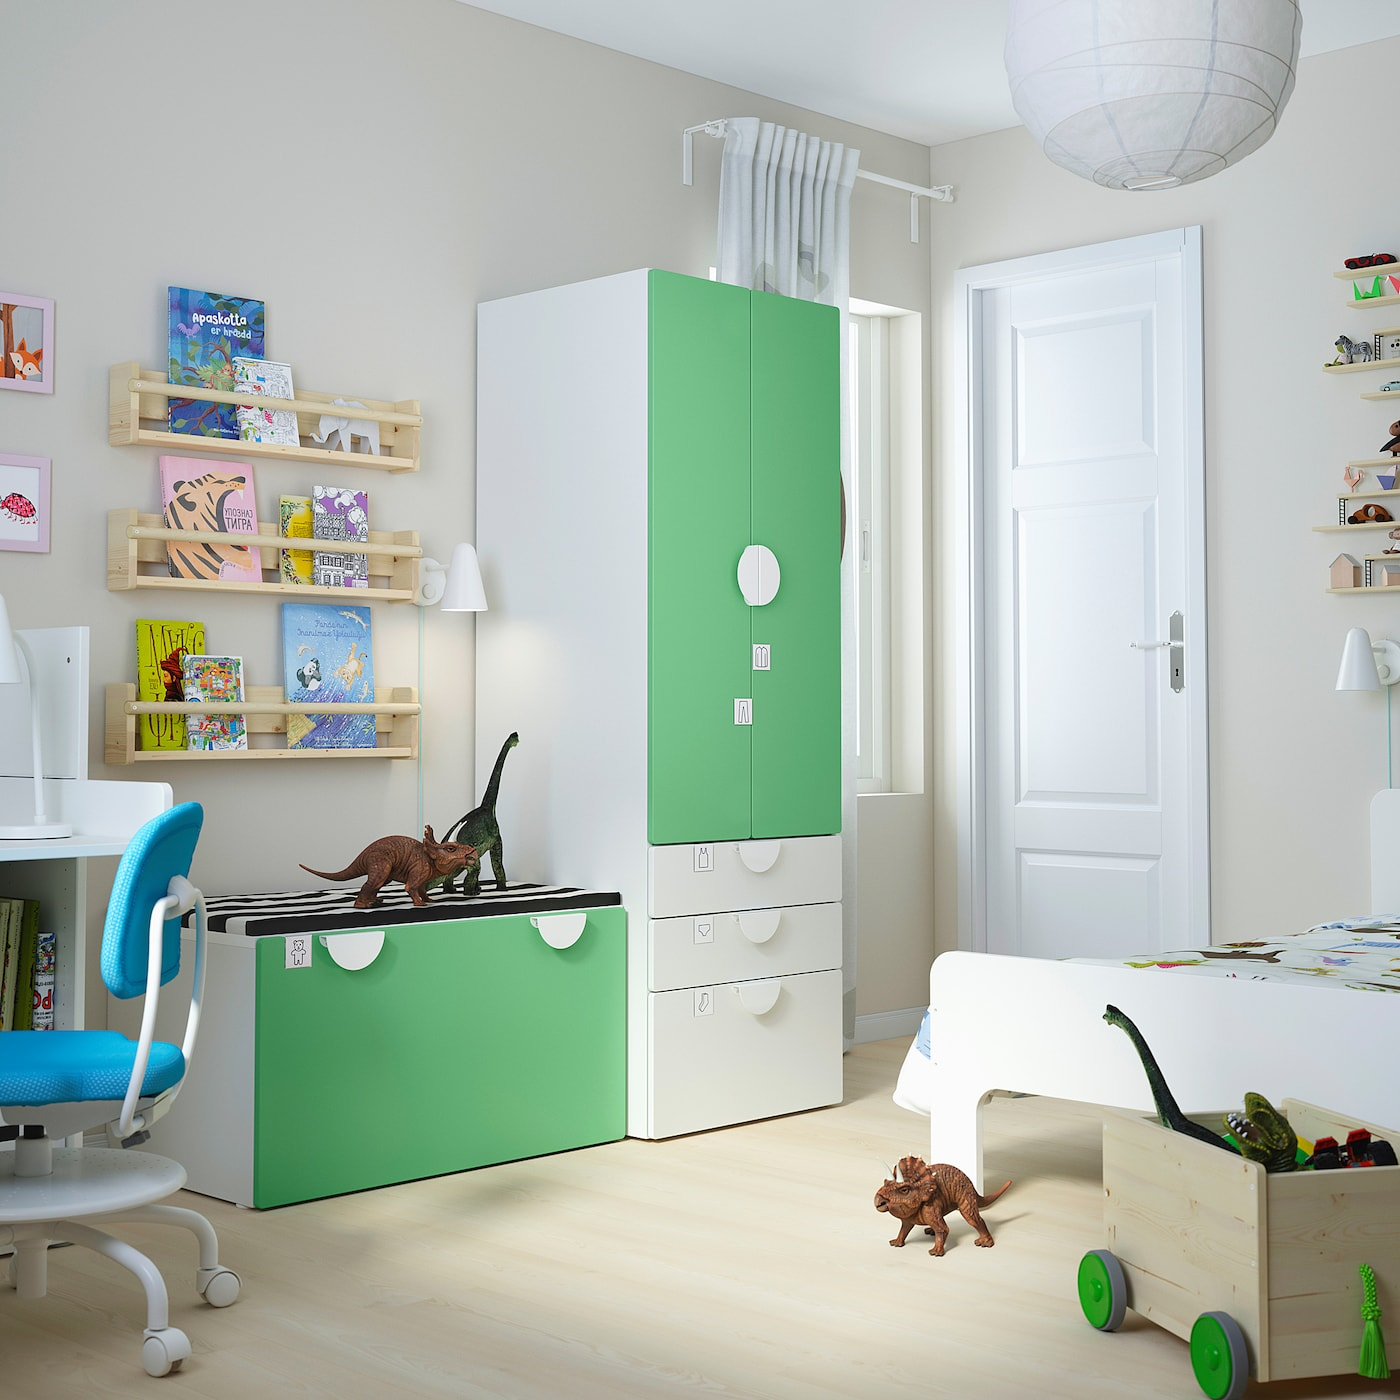 SMÅSTAD Opbergcombinatie, wit groen/met bank, 150x57x181 cm